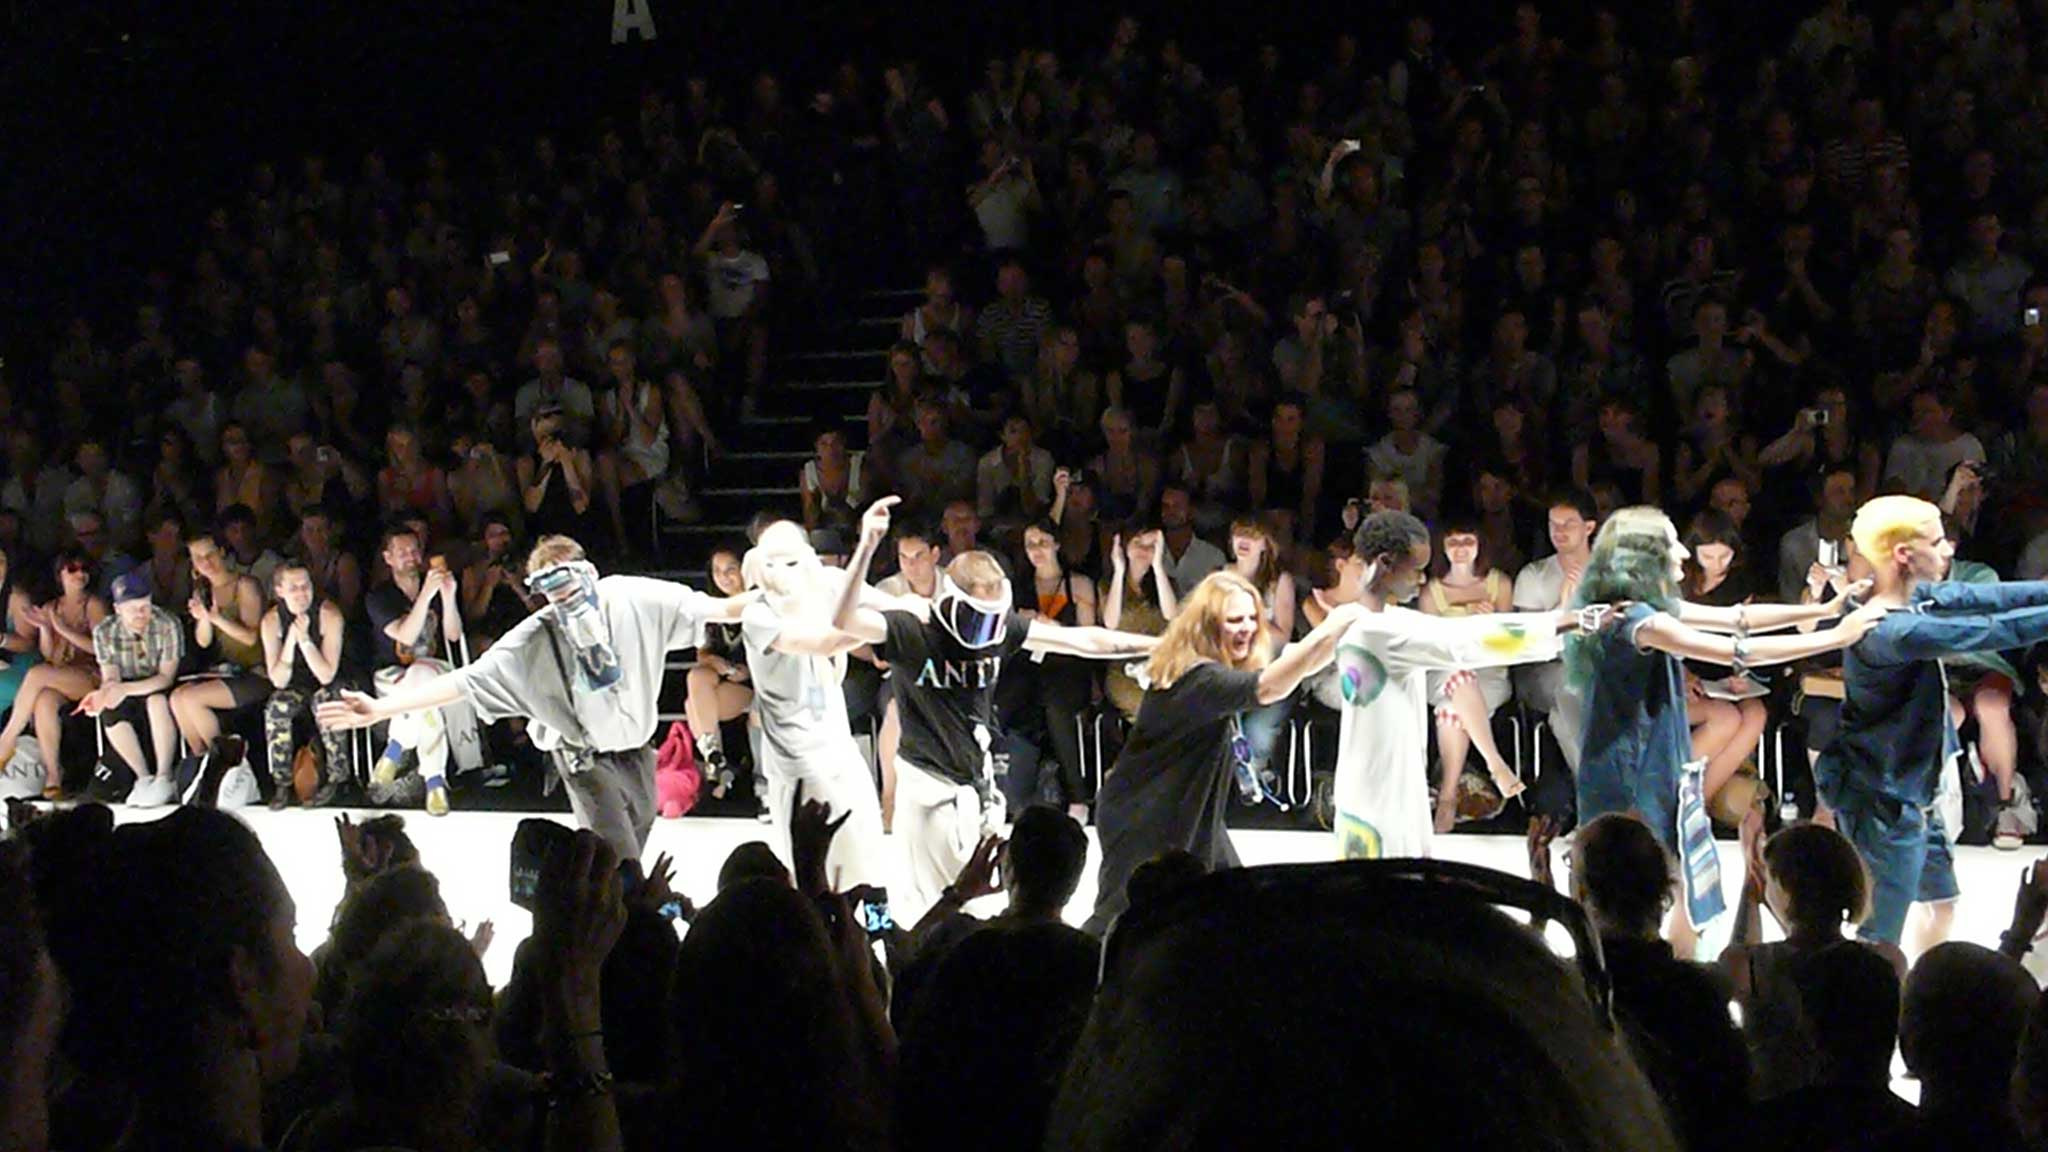 Zum Abschluss der Fashion Week zeigte Starstyling eine Schau mit viel Humor.